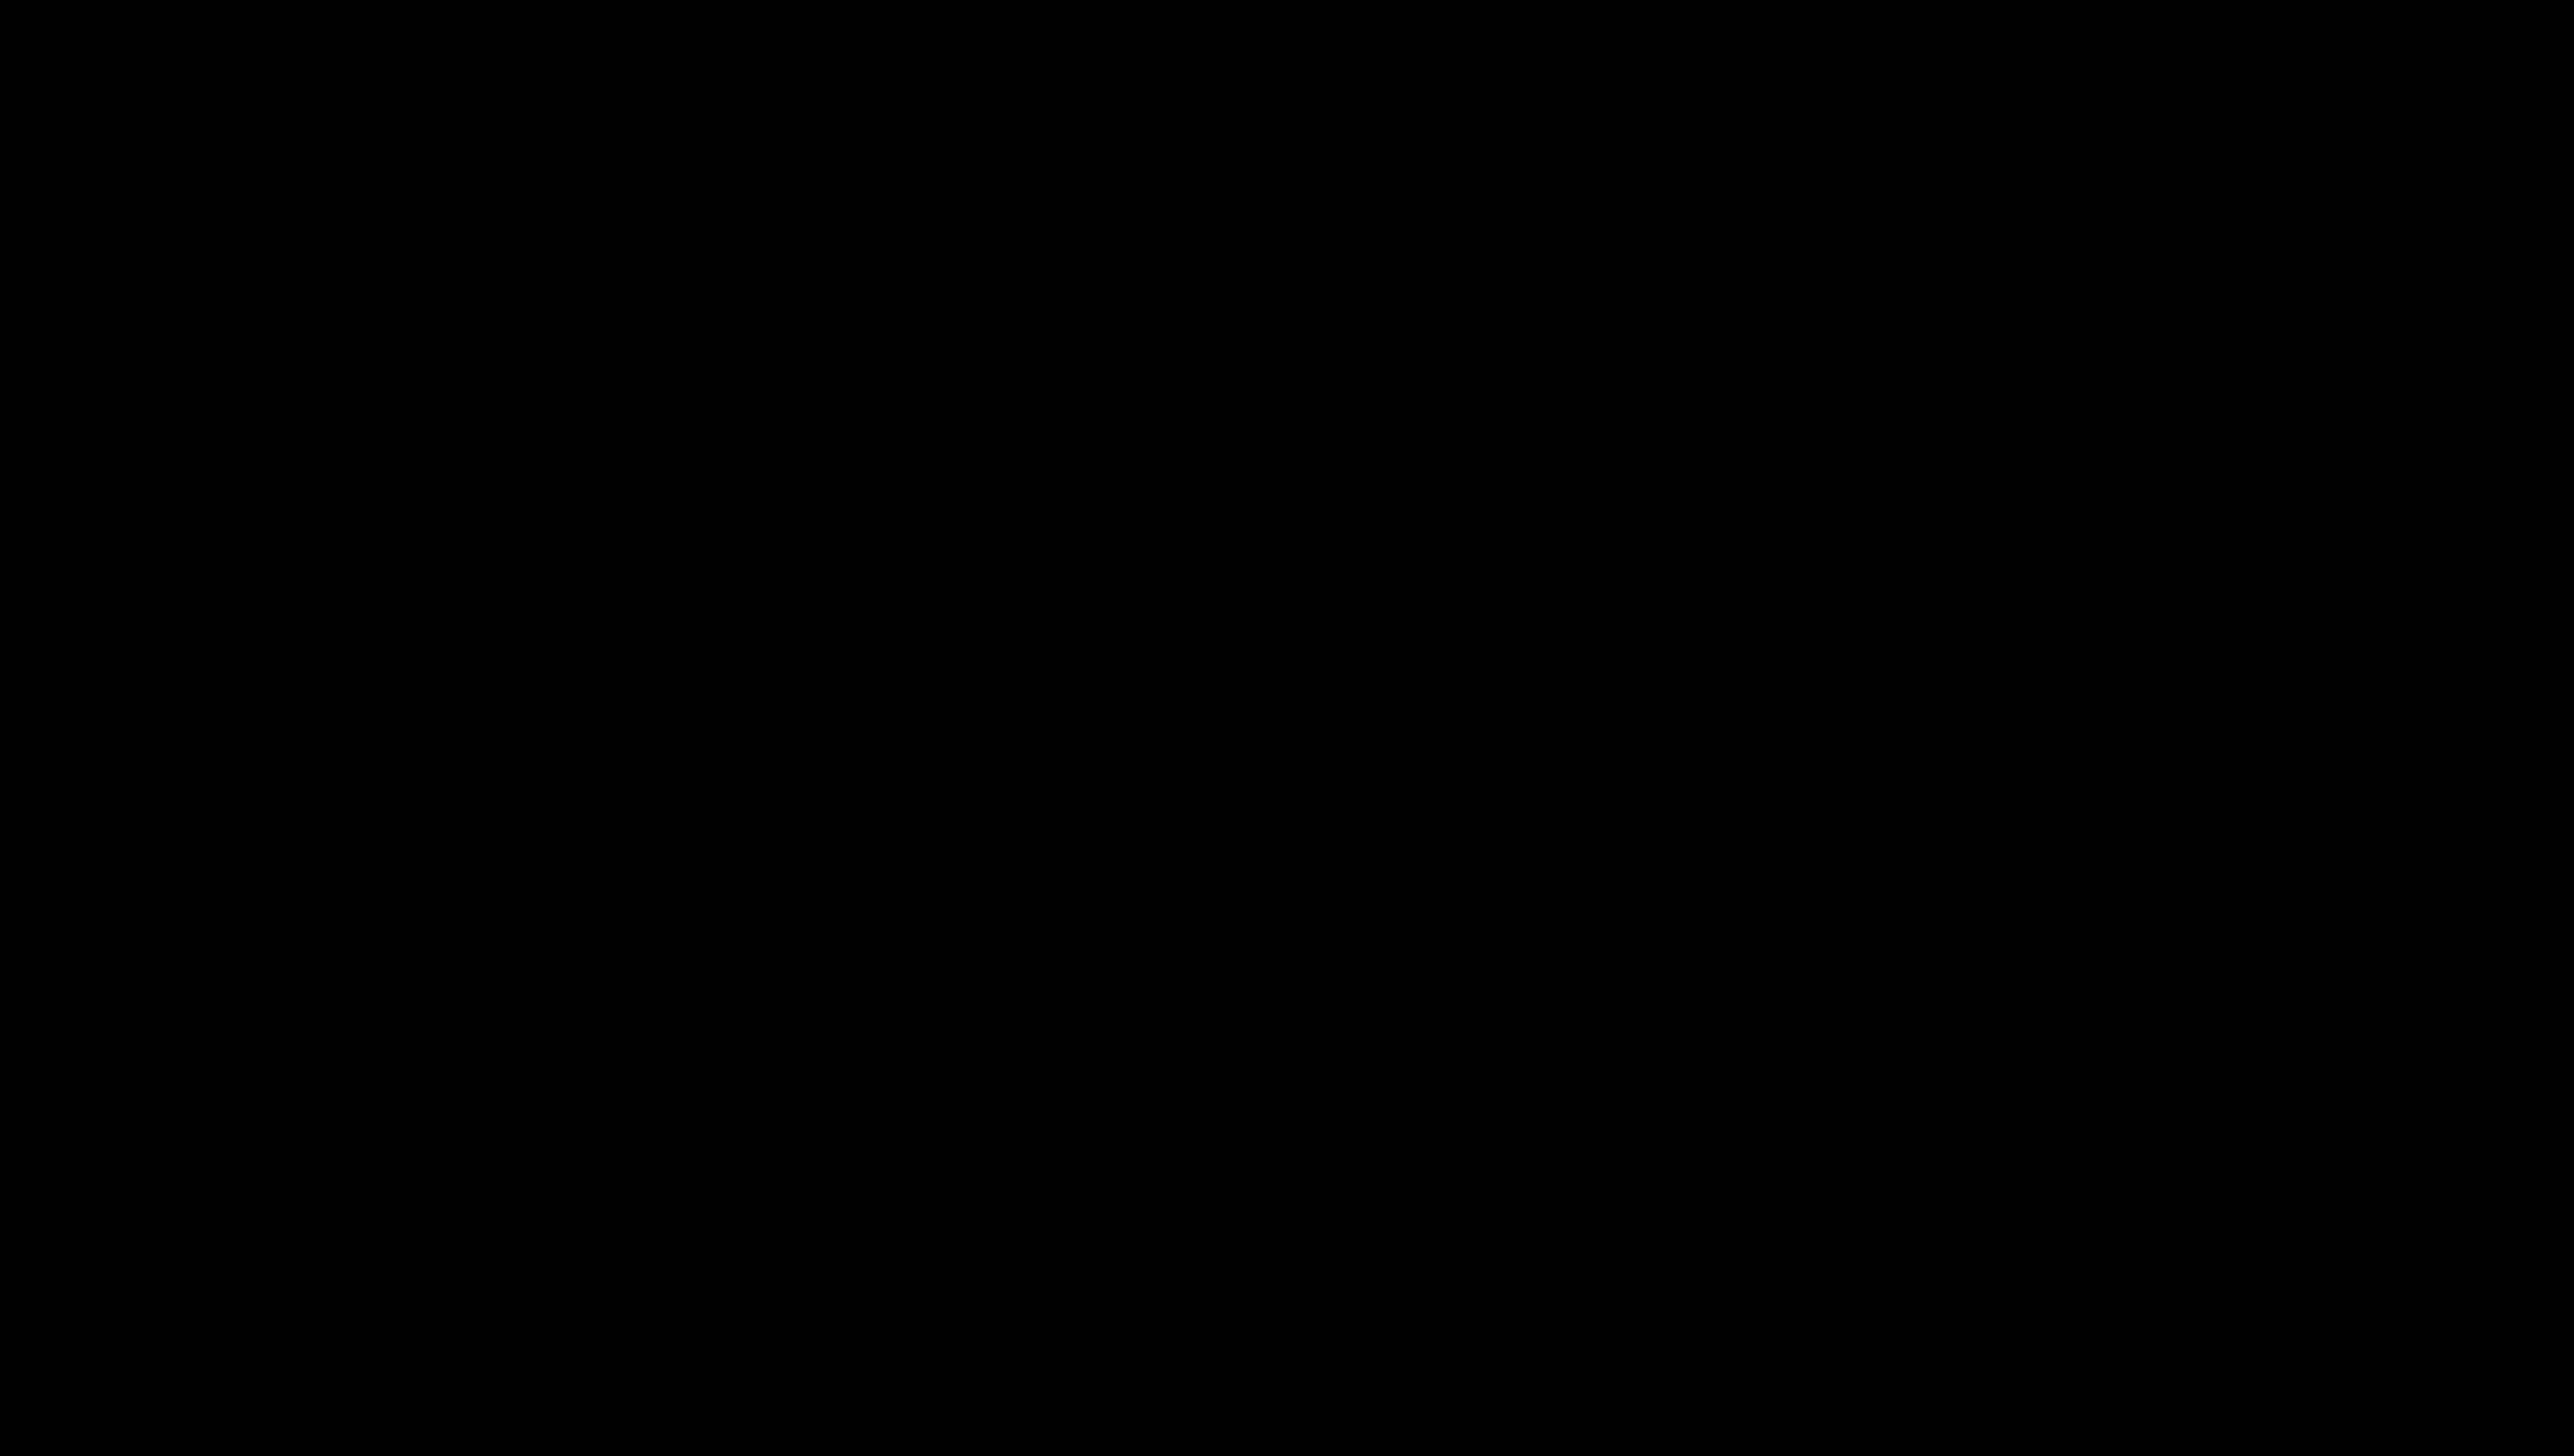 18.12.03 - Iz japoniya s ranitsa i ketsove